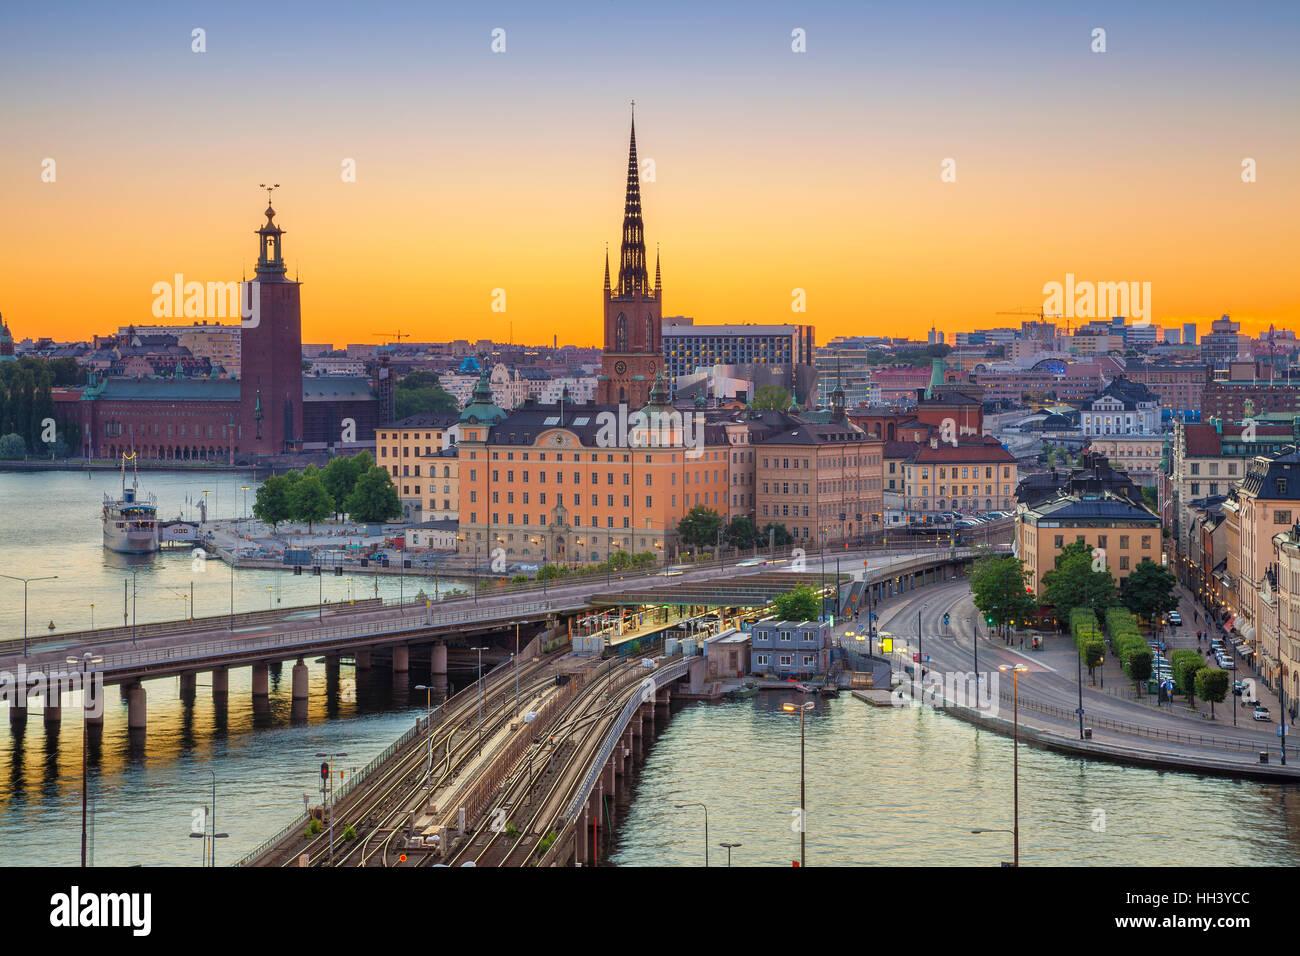 Stockholm. Stadtbild Bild von Stockholm während des Sonnenuntergangs. Stockbild